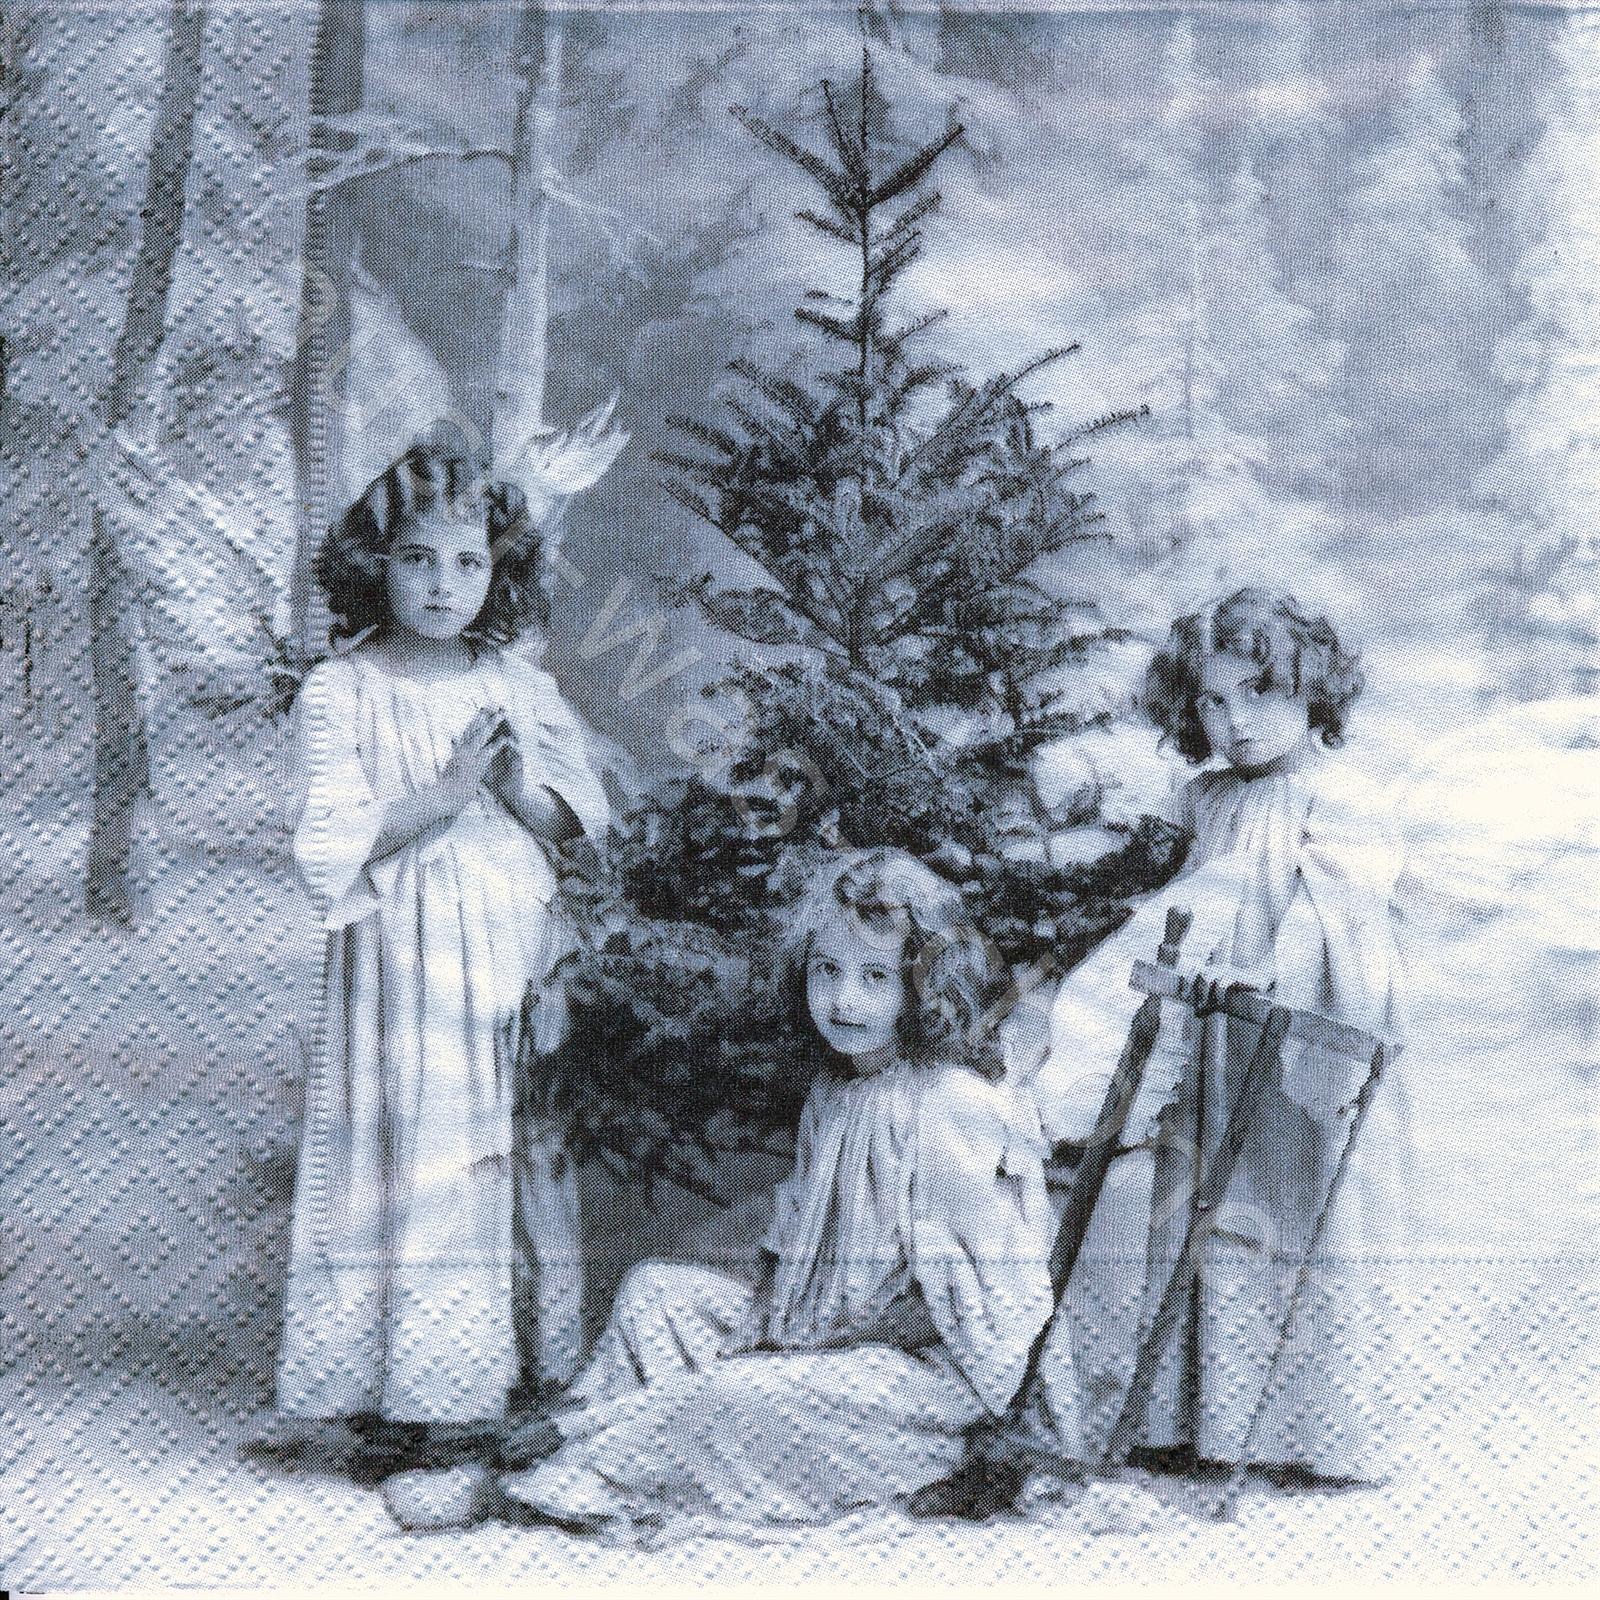 Bilder Weihnachten Nostalgisch.Engel Weihnachten Nostalgie Christmas Angles Sagen Vintage Design Ef080